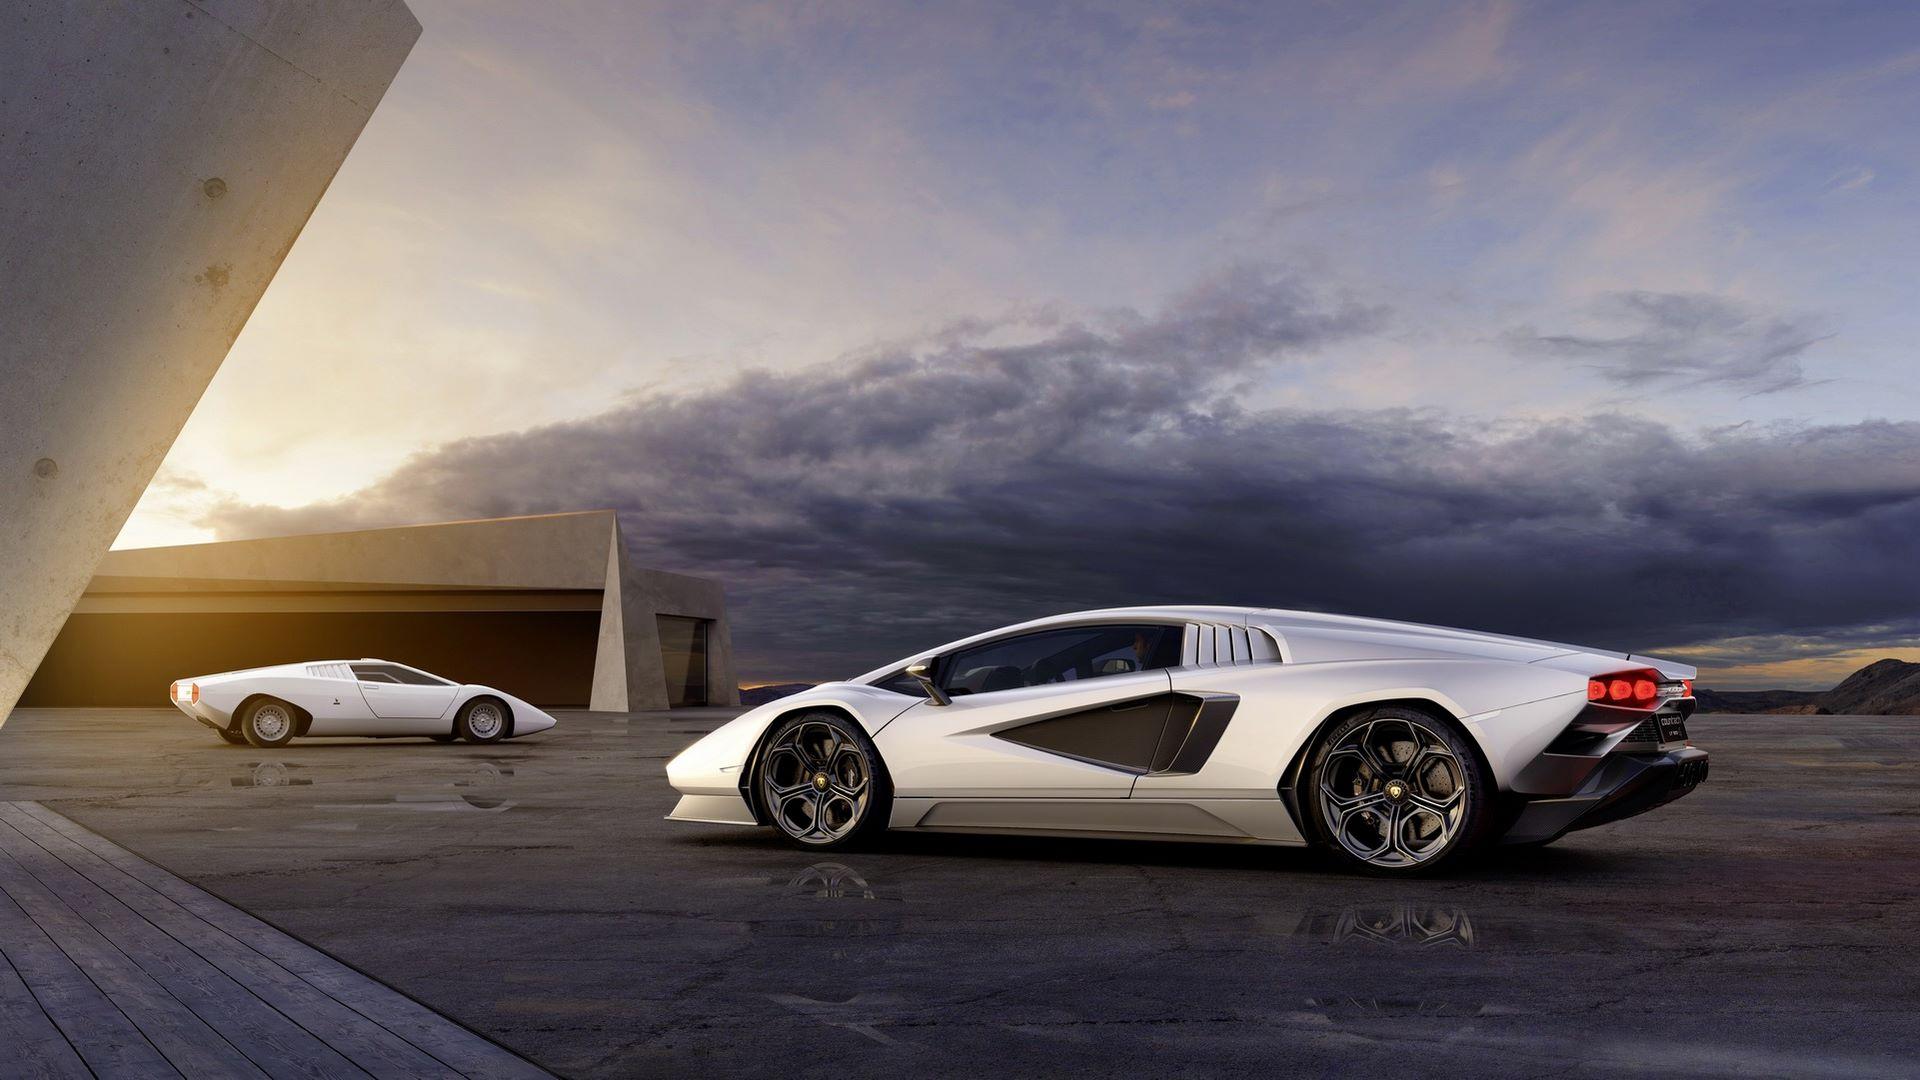 Lamborghini-Countach-LPI-800-4-40